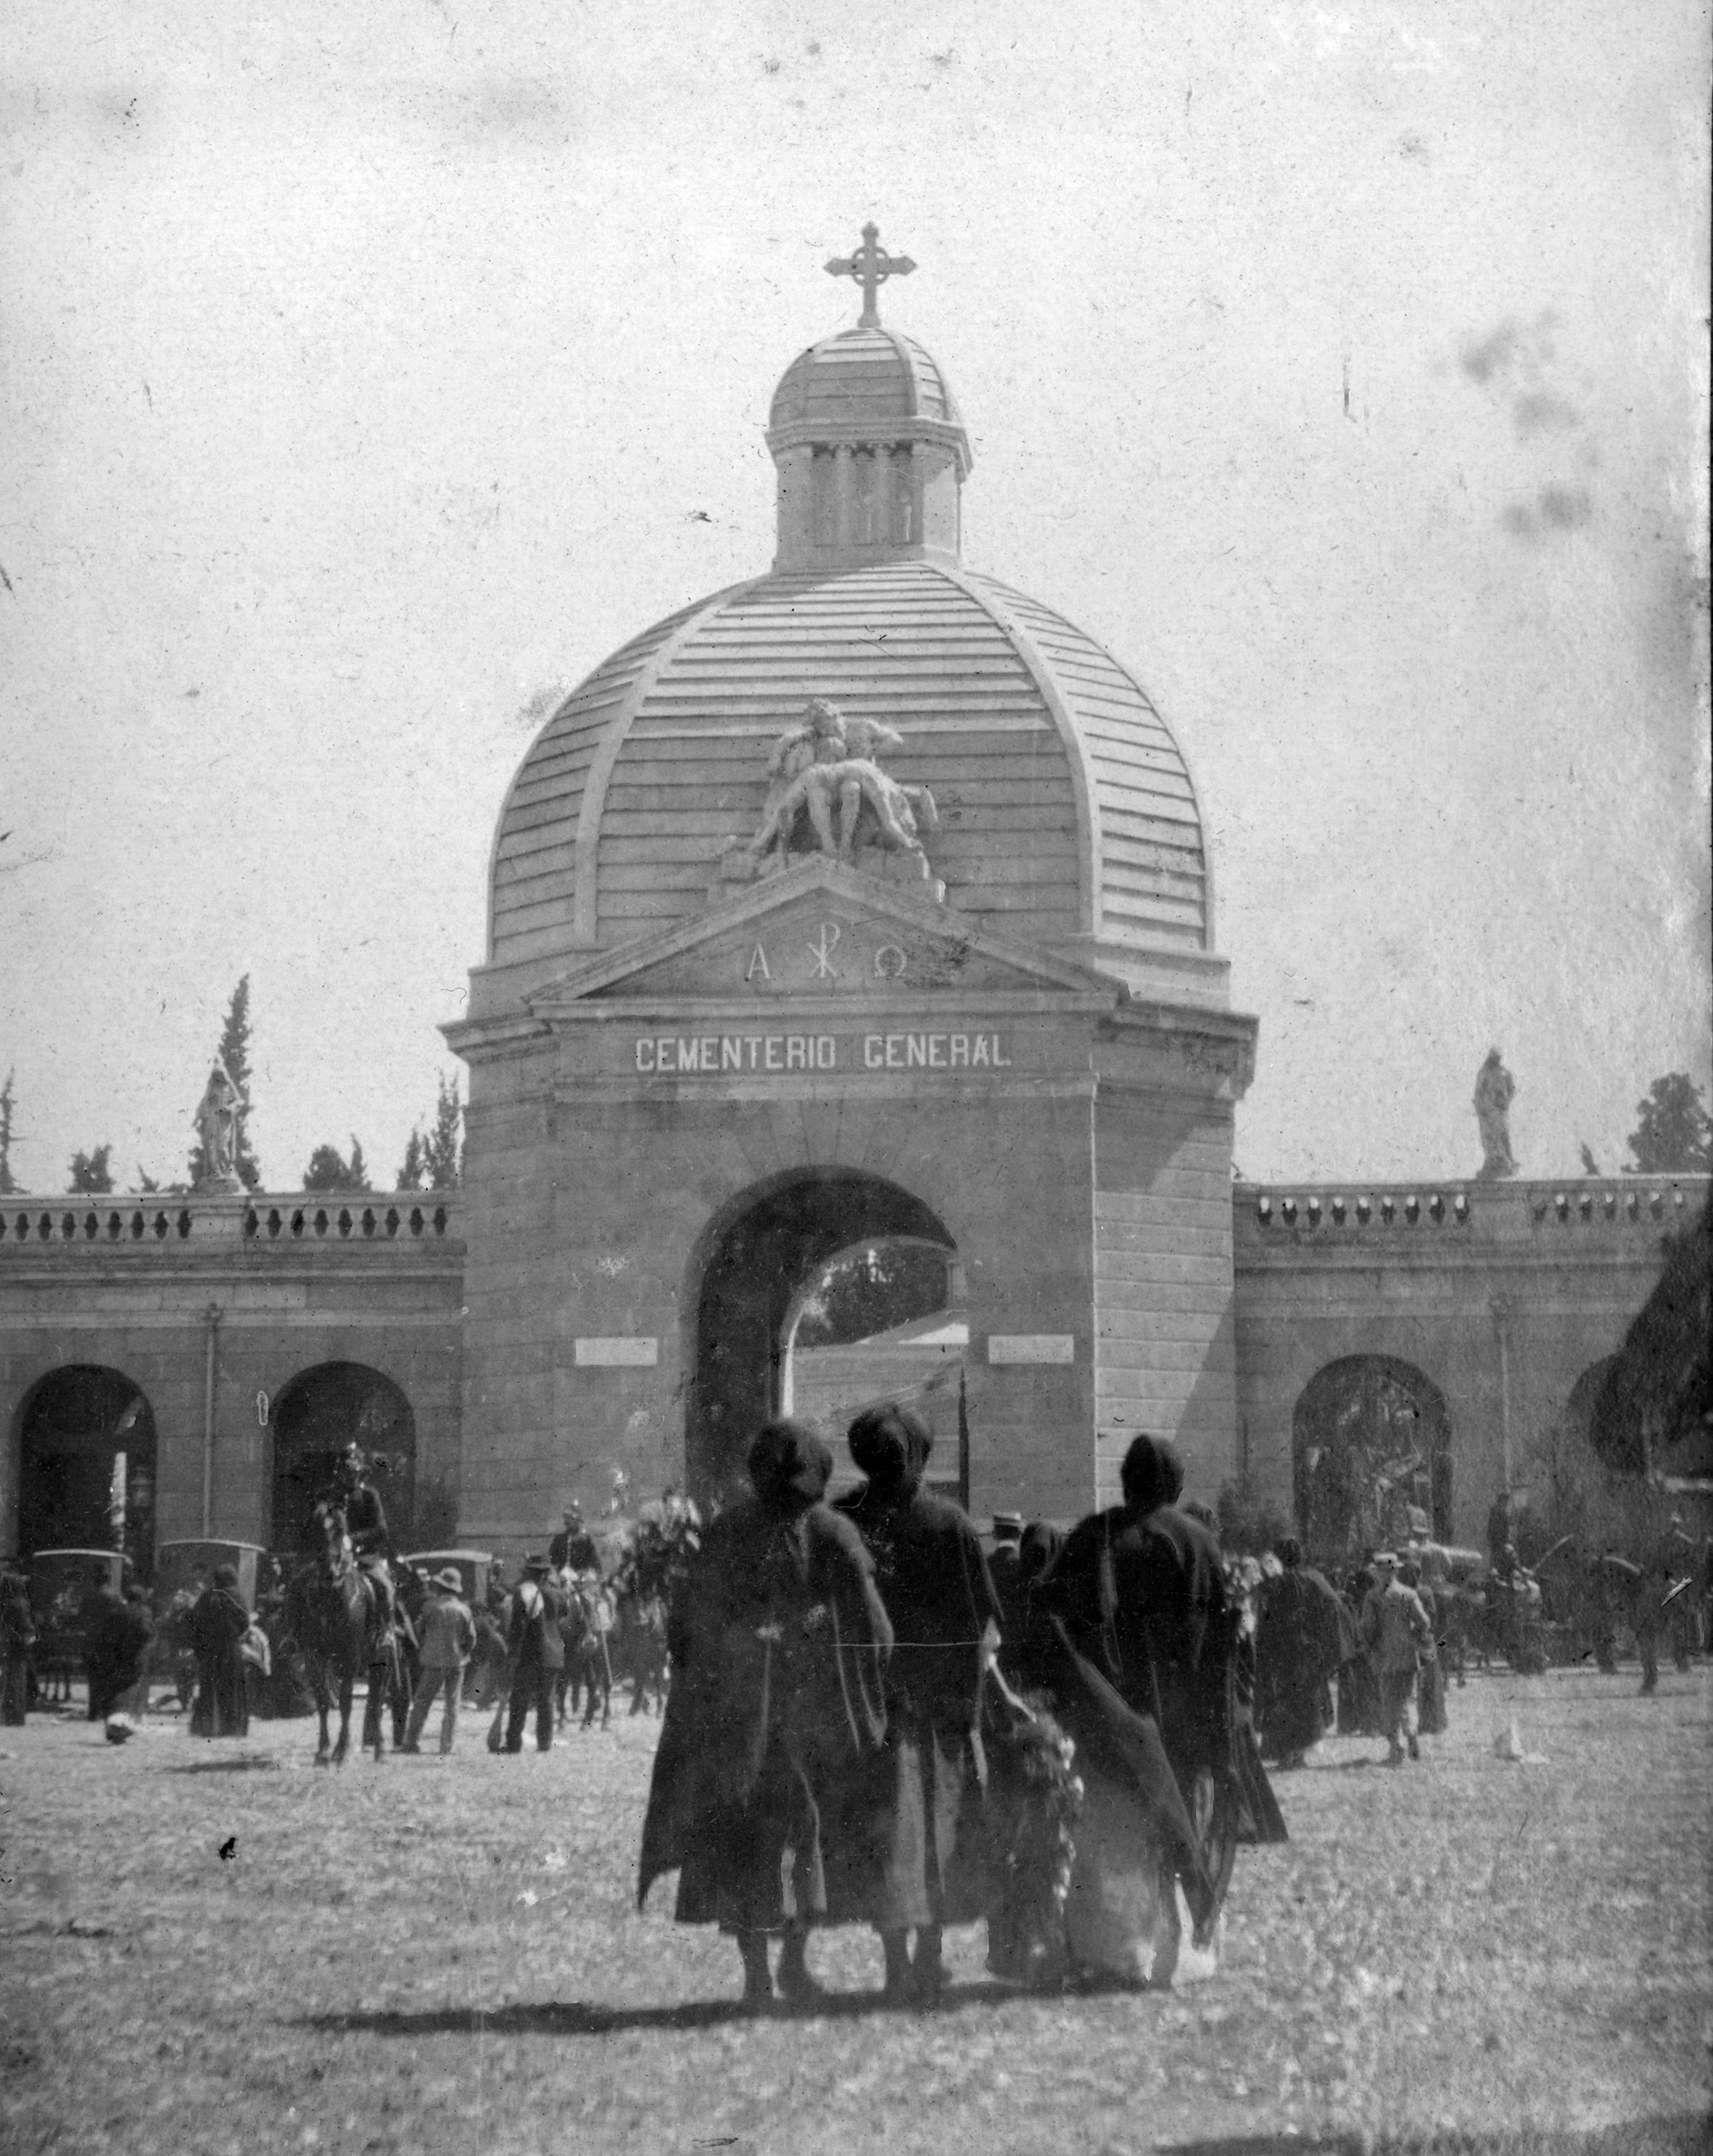 Enterreno - Fotos históricas de chile - fotos antiguas de Chile - Cementerio General de Santiago, Chile, CA 1900